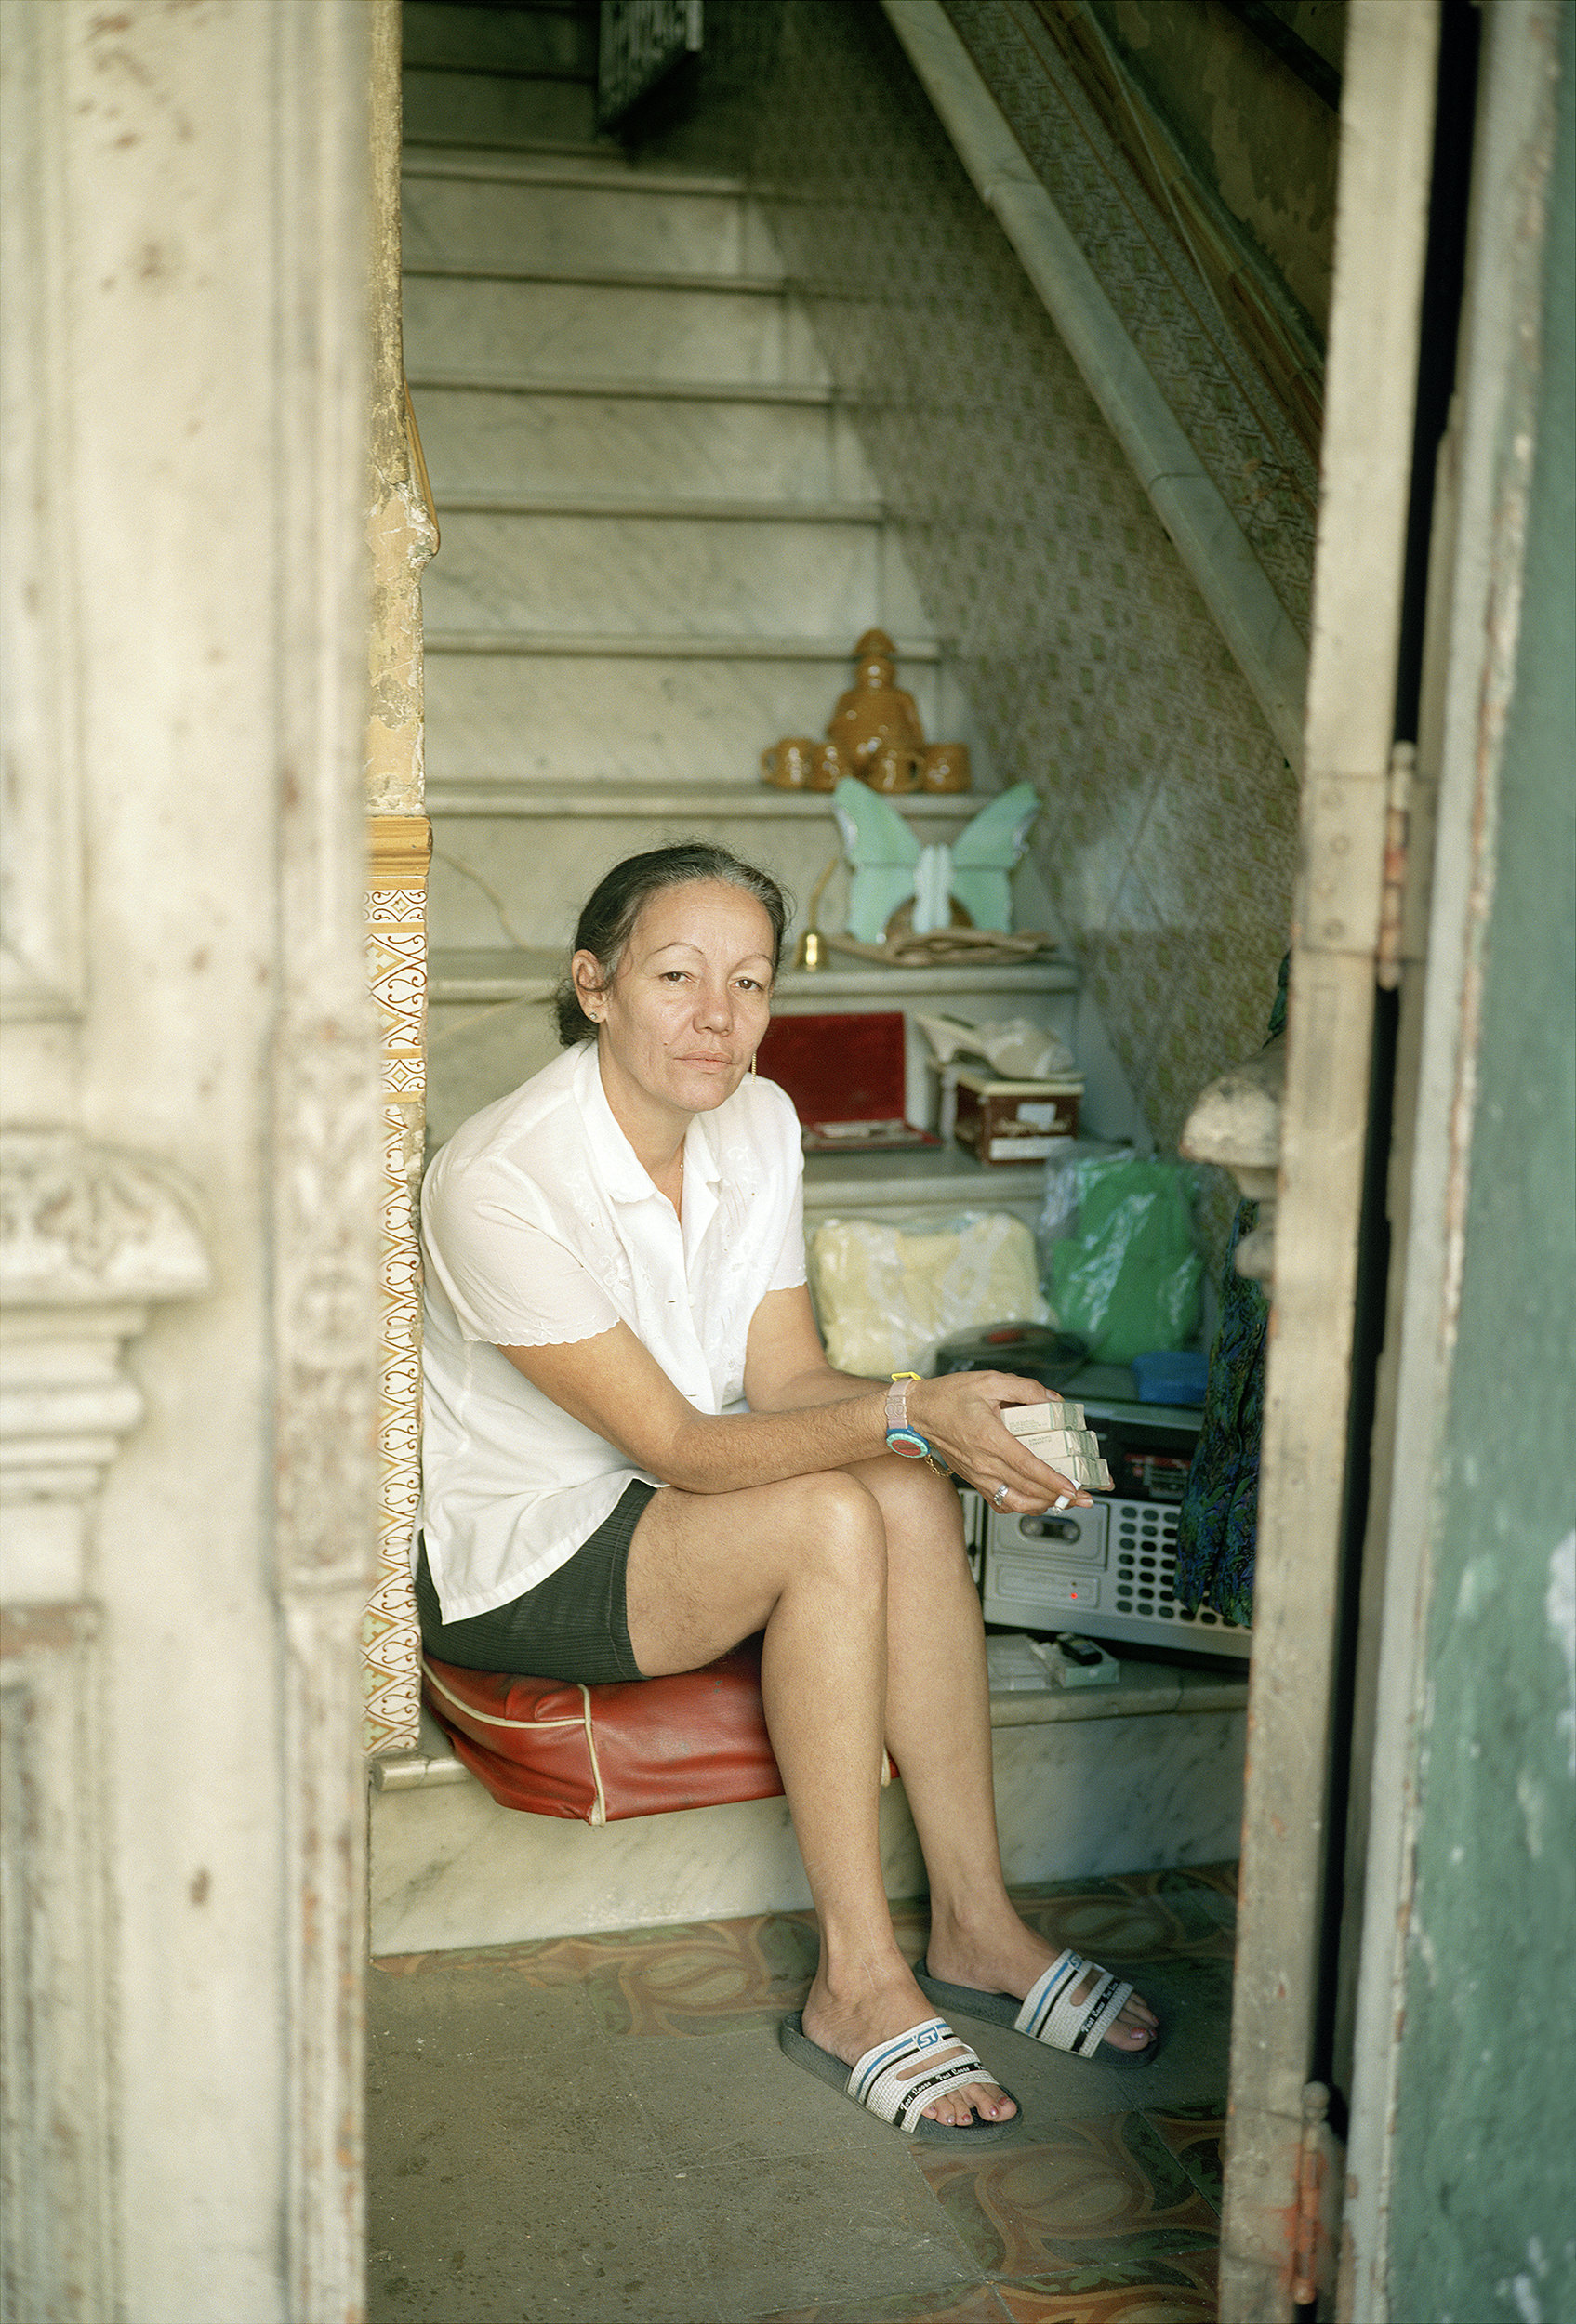 Woman Selling_Central Havana, Cuba